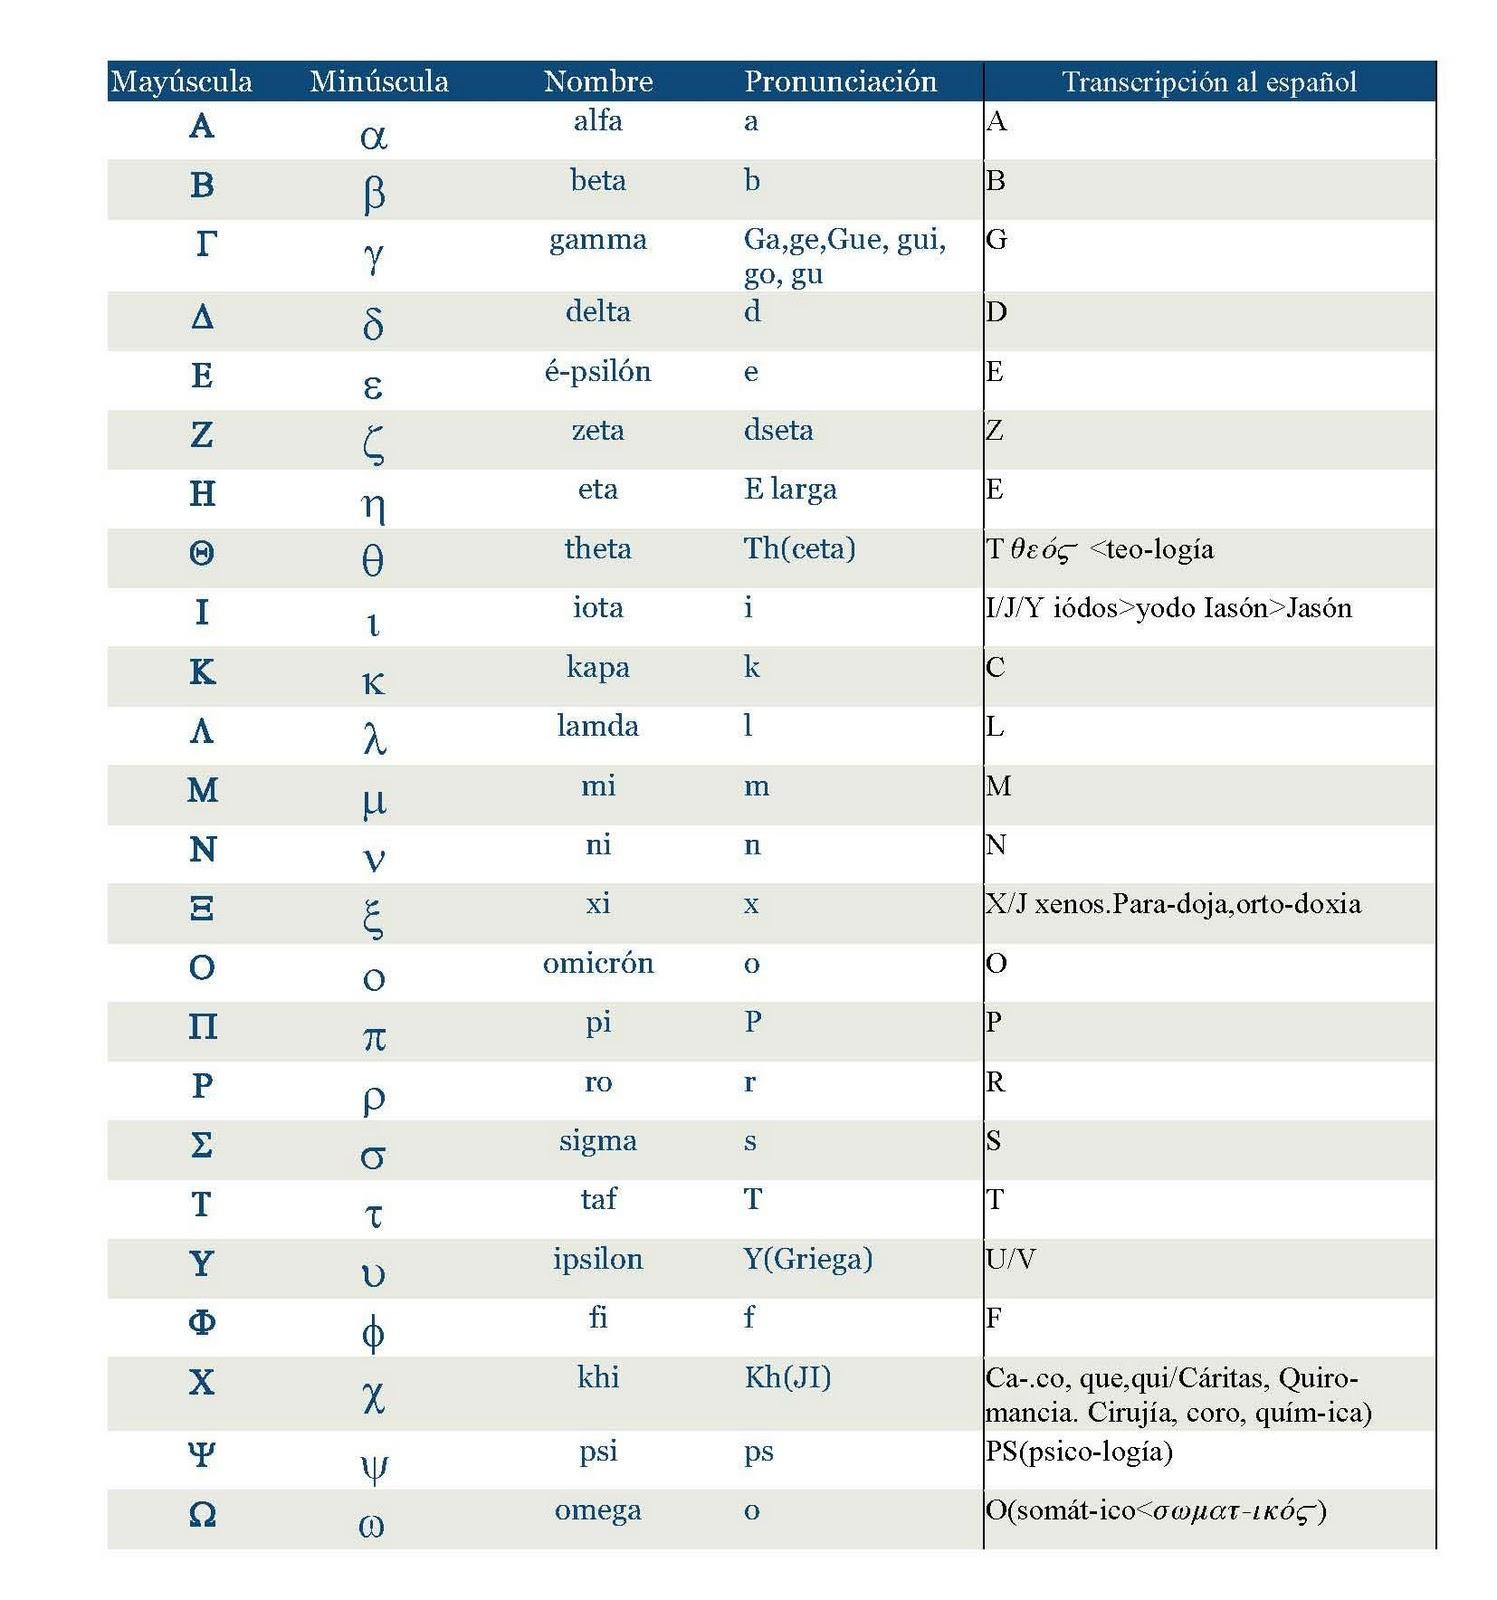 Lengua y cultura griegas hellenik gl ssa ka paide a el for Significado de la palabra beta